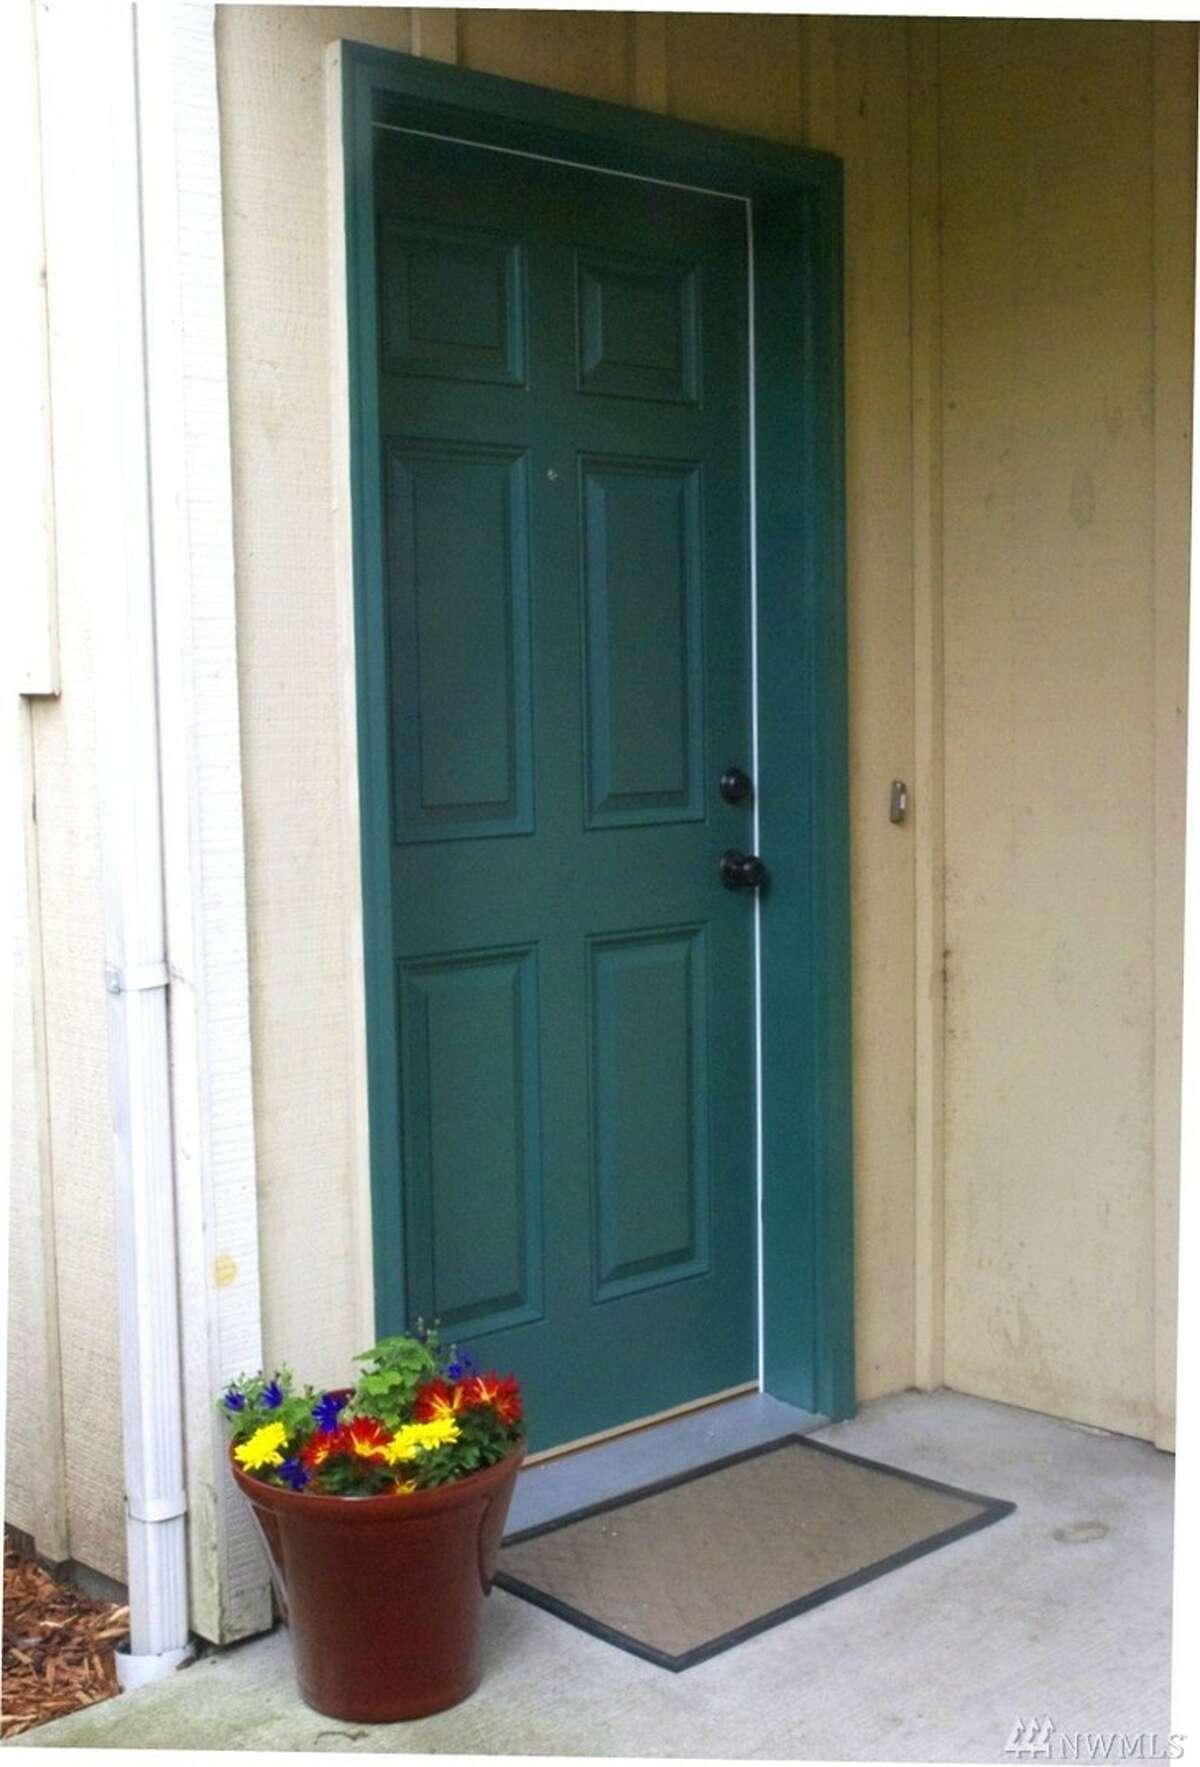 The front door of 2207 E. James St.